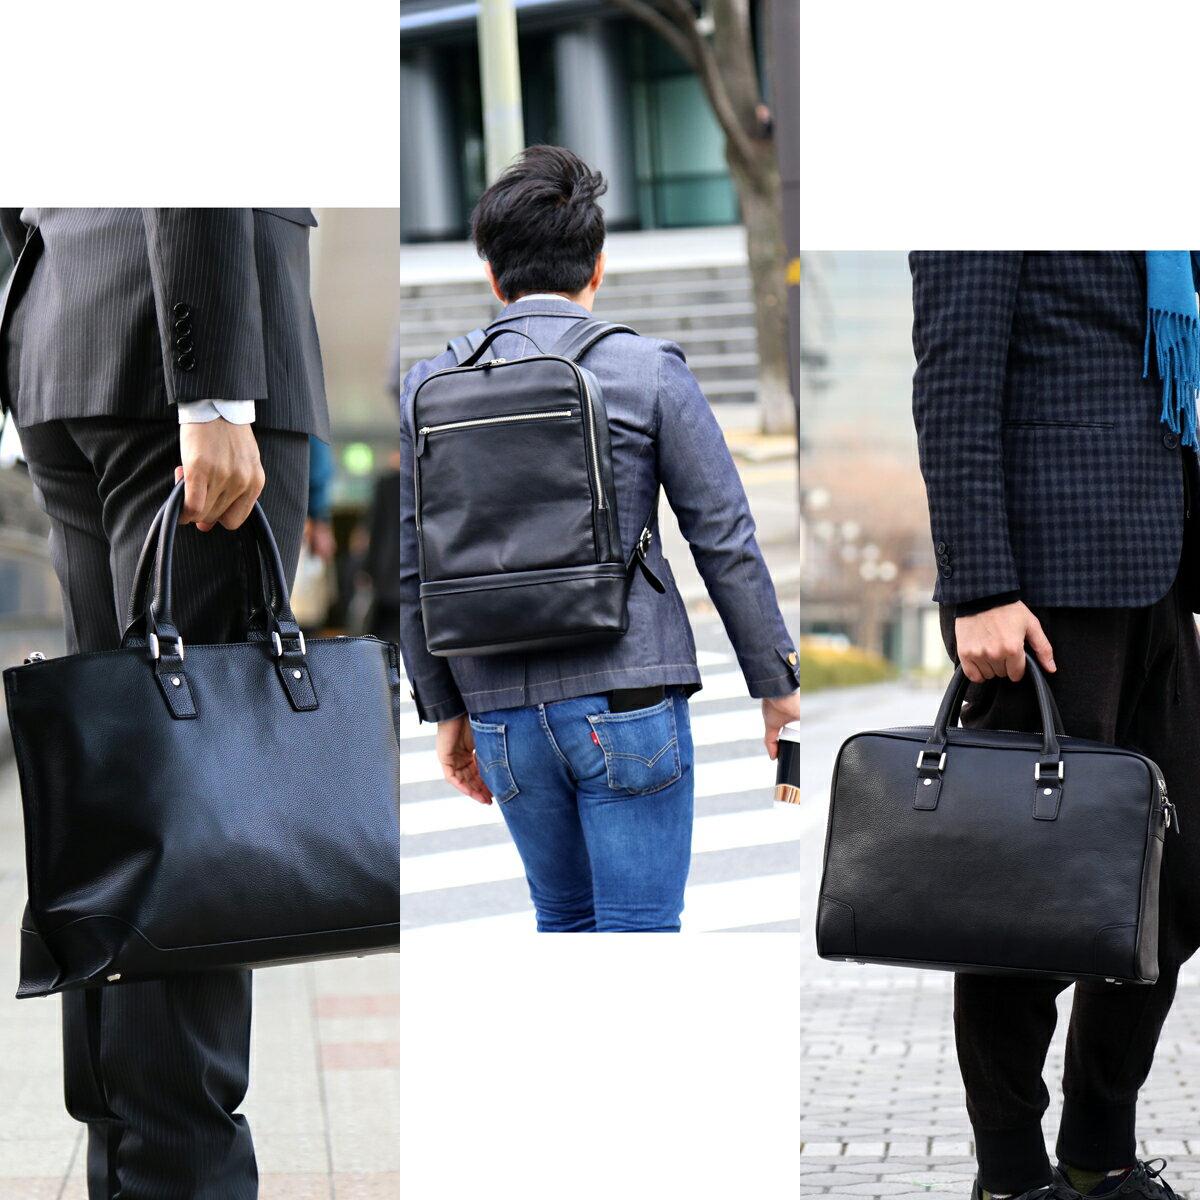 本革 ビジネスバッグ メンズ 男性 軽い かっこいい ビジネス バッグ リュック ショルダー ブリーフケース 銀付き 銀面 吟面 レザー 2way コスパ 革 革製品 機能性 使い勝手 カバン 鞄